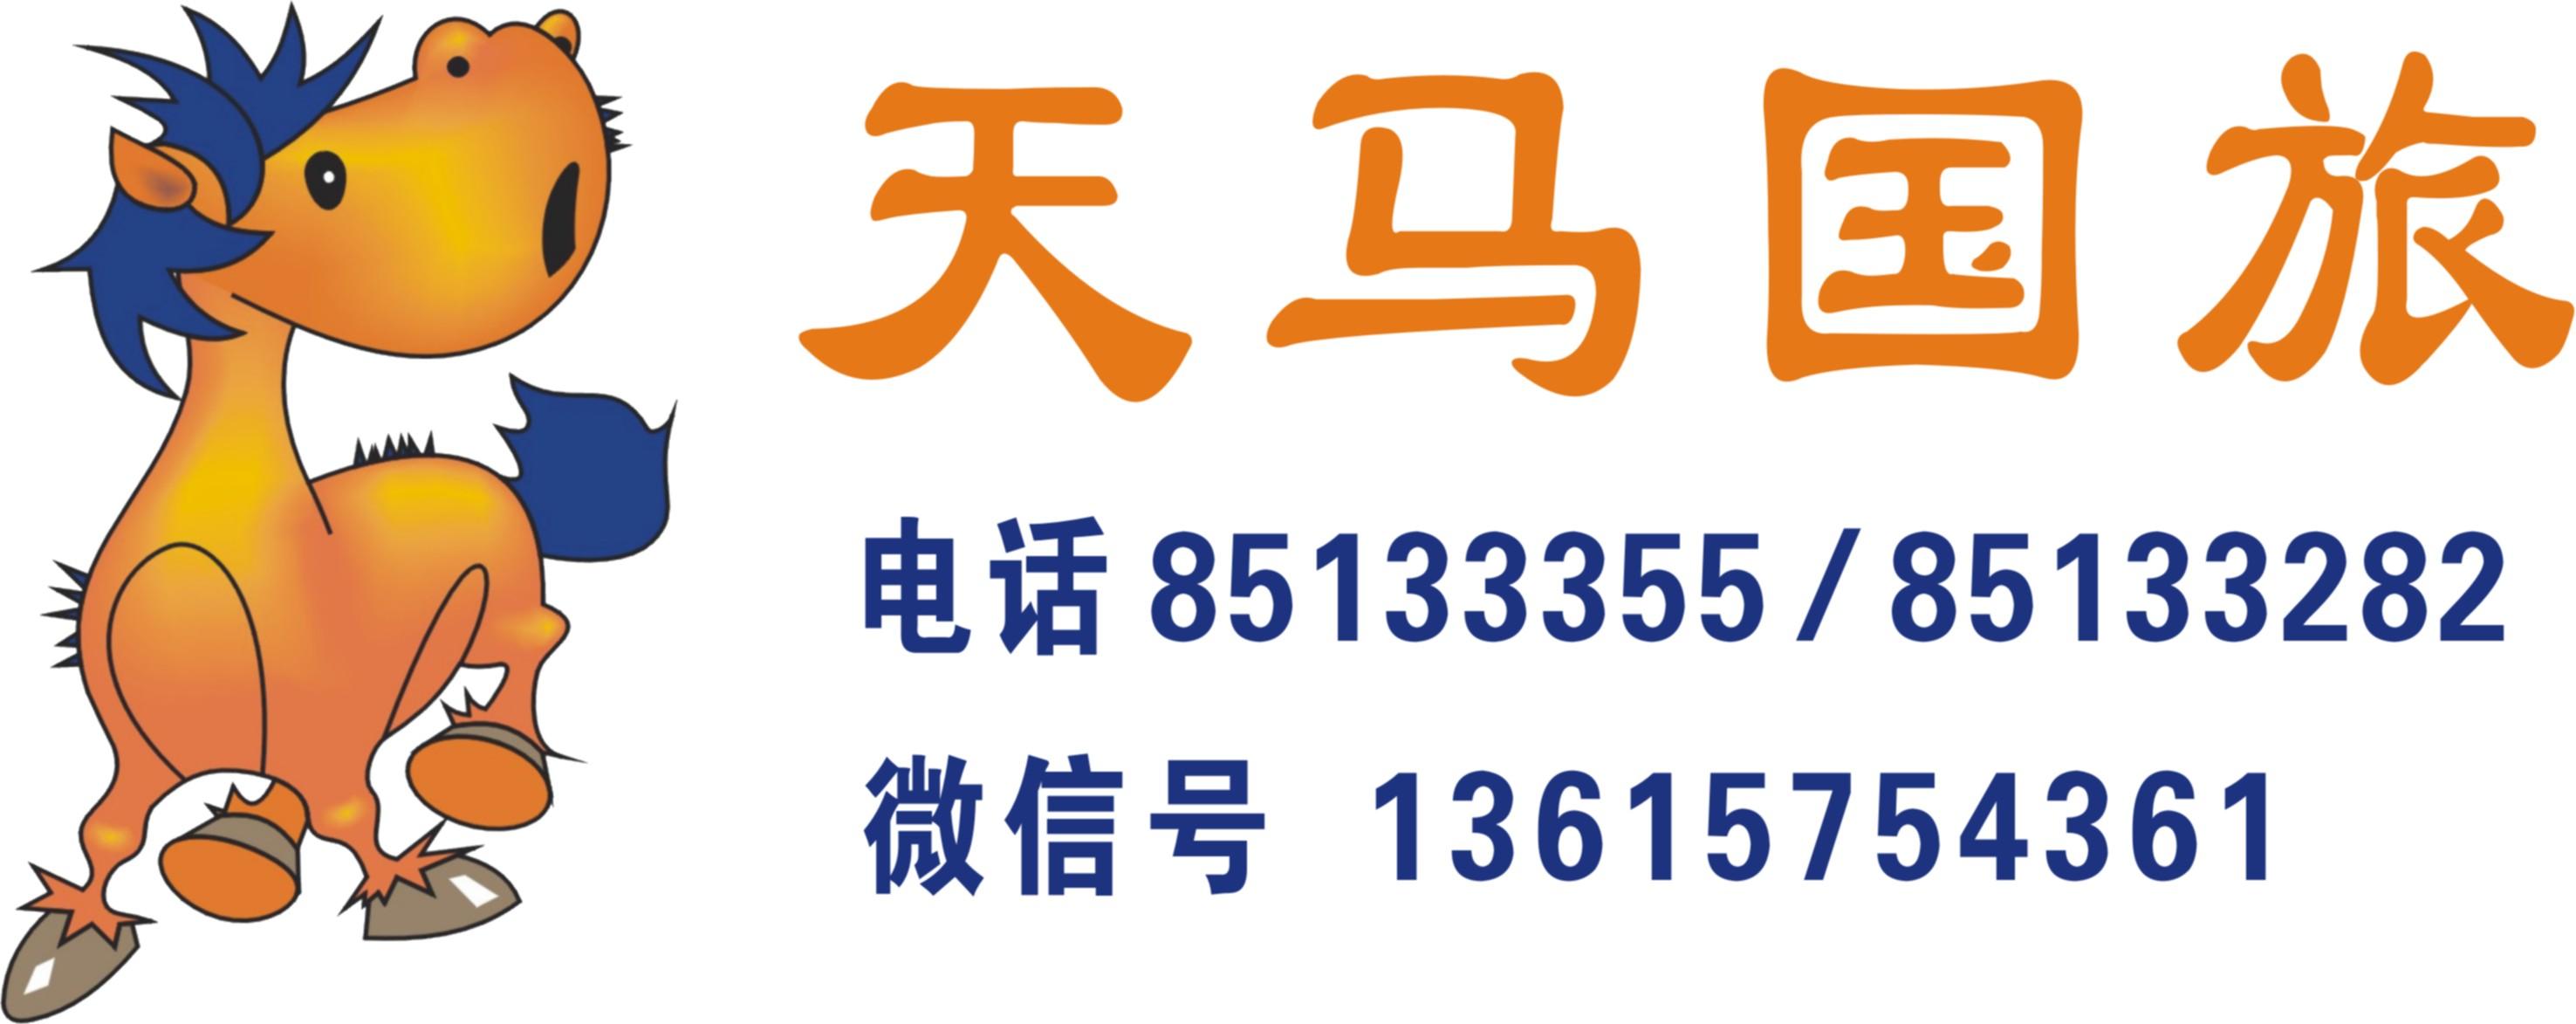 5.25【桐庐垂云通天河、森林氧吧、千岛湖中心湖区二日游】